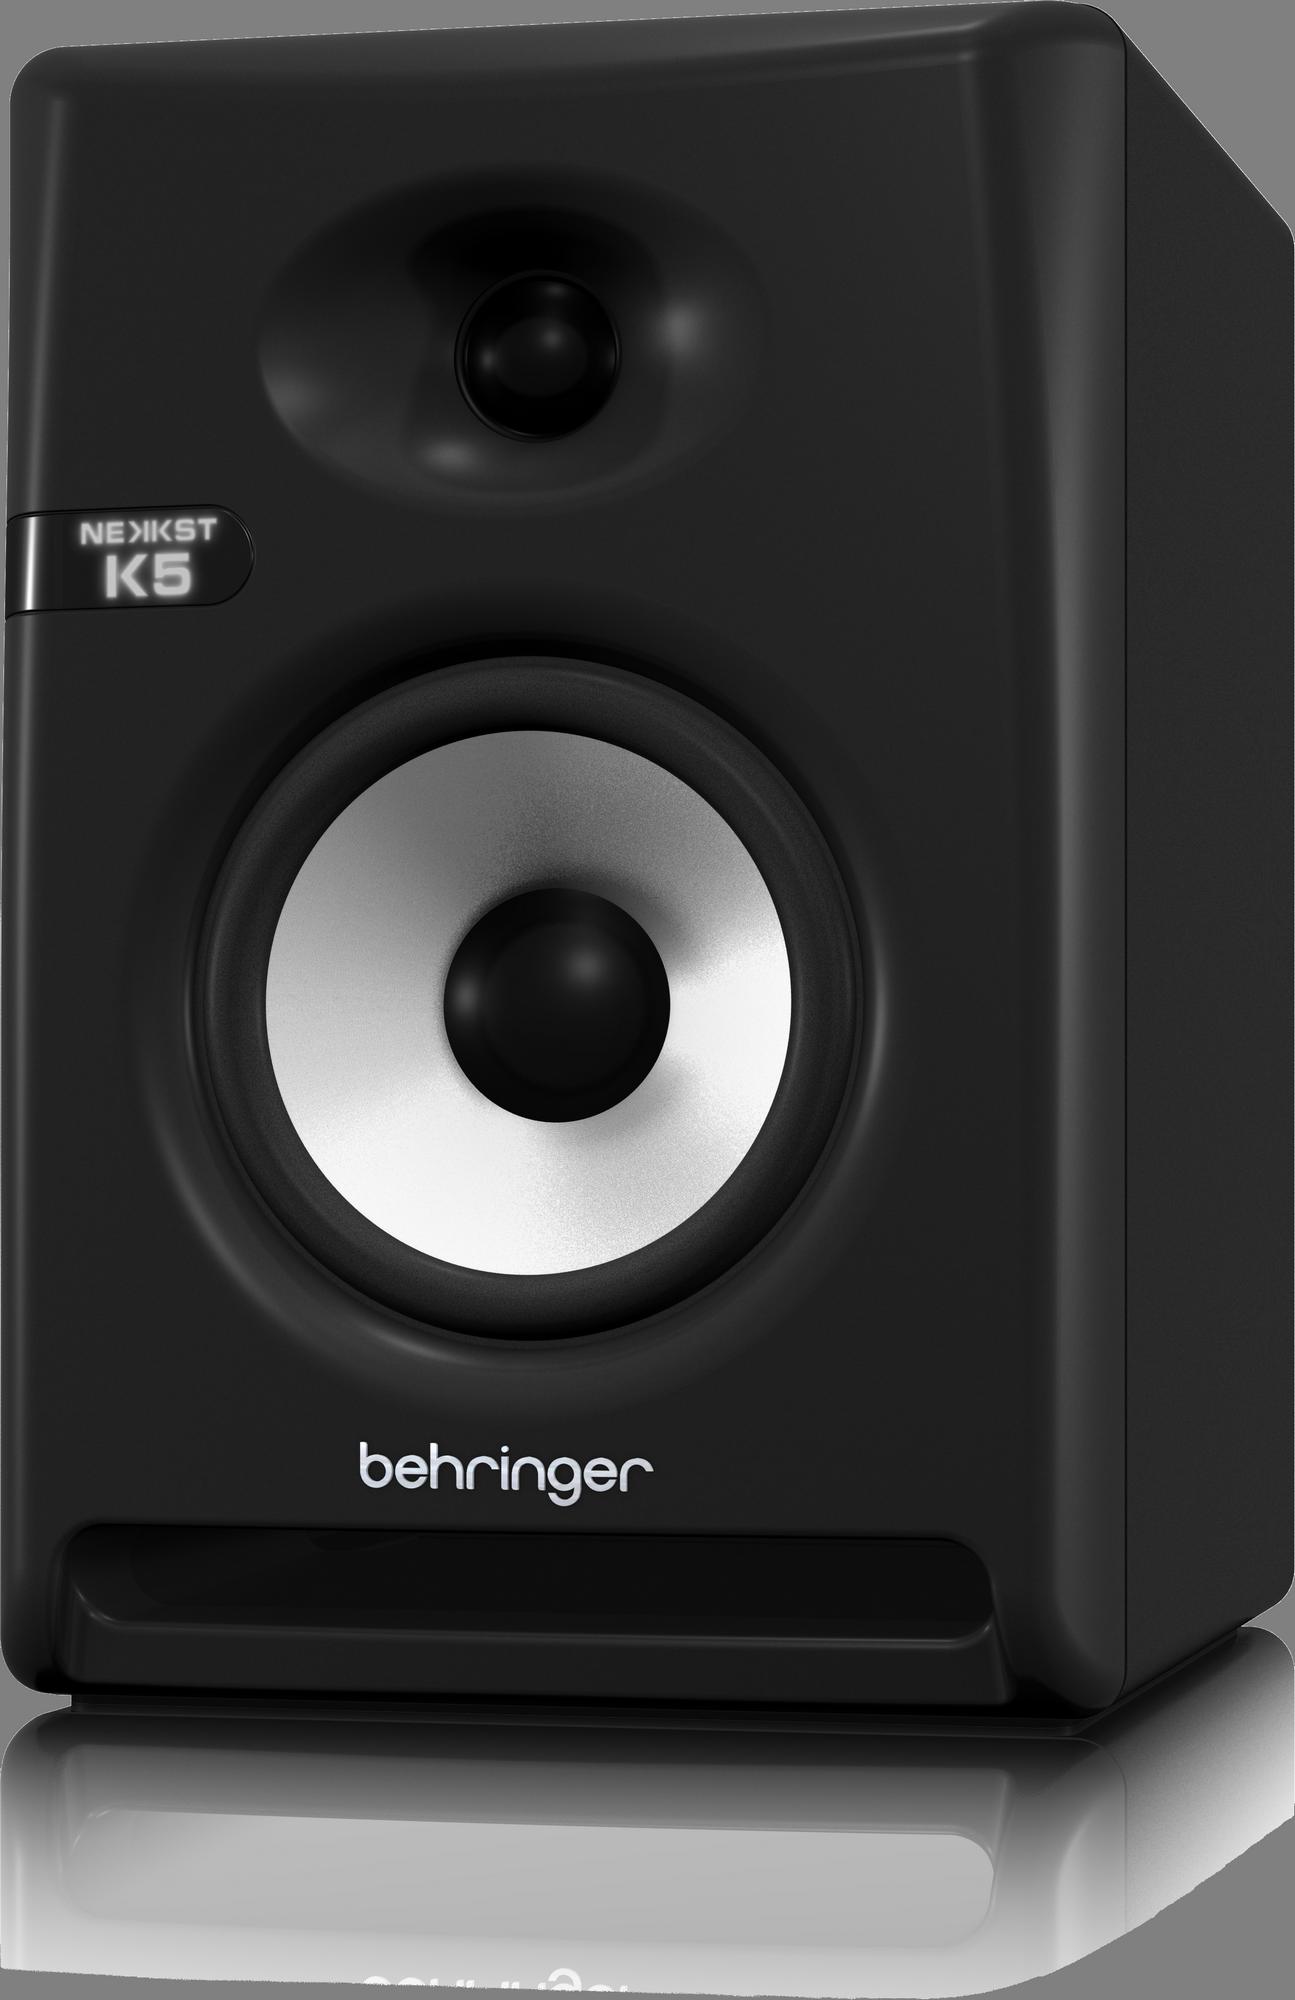 Behringer K5